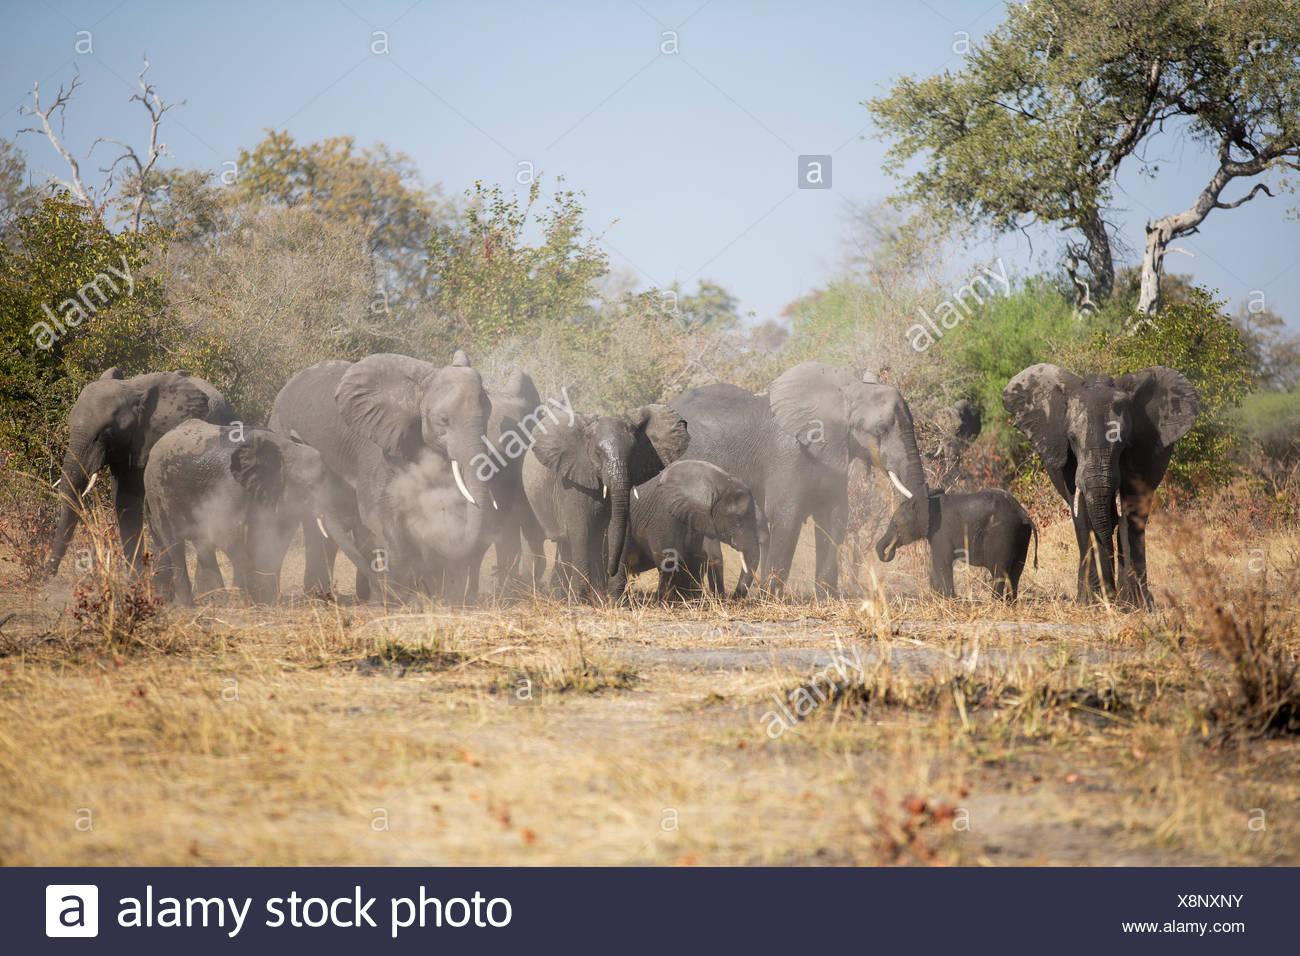 Afrikanische Elefanten (Loxodonta Africana) Herde aufwirbeln von Staub Caprivi Region, Namibia, Afrika Stockbild